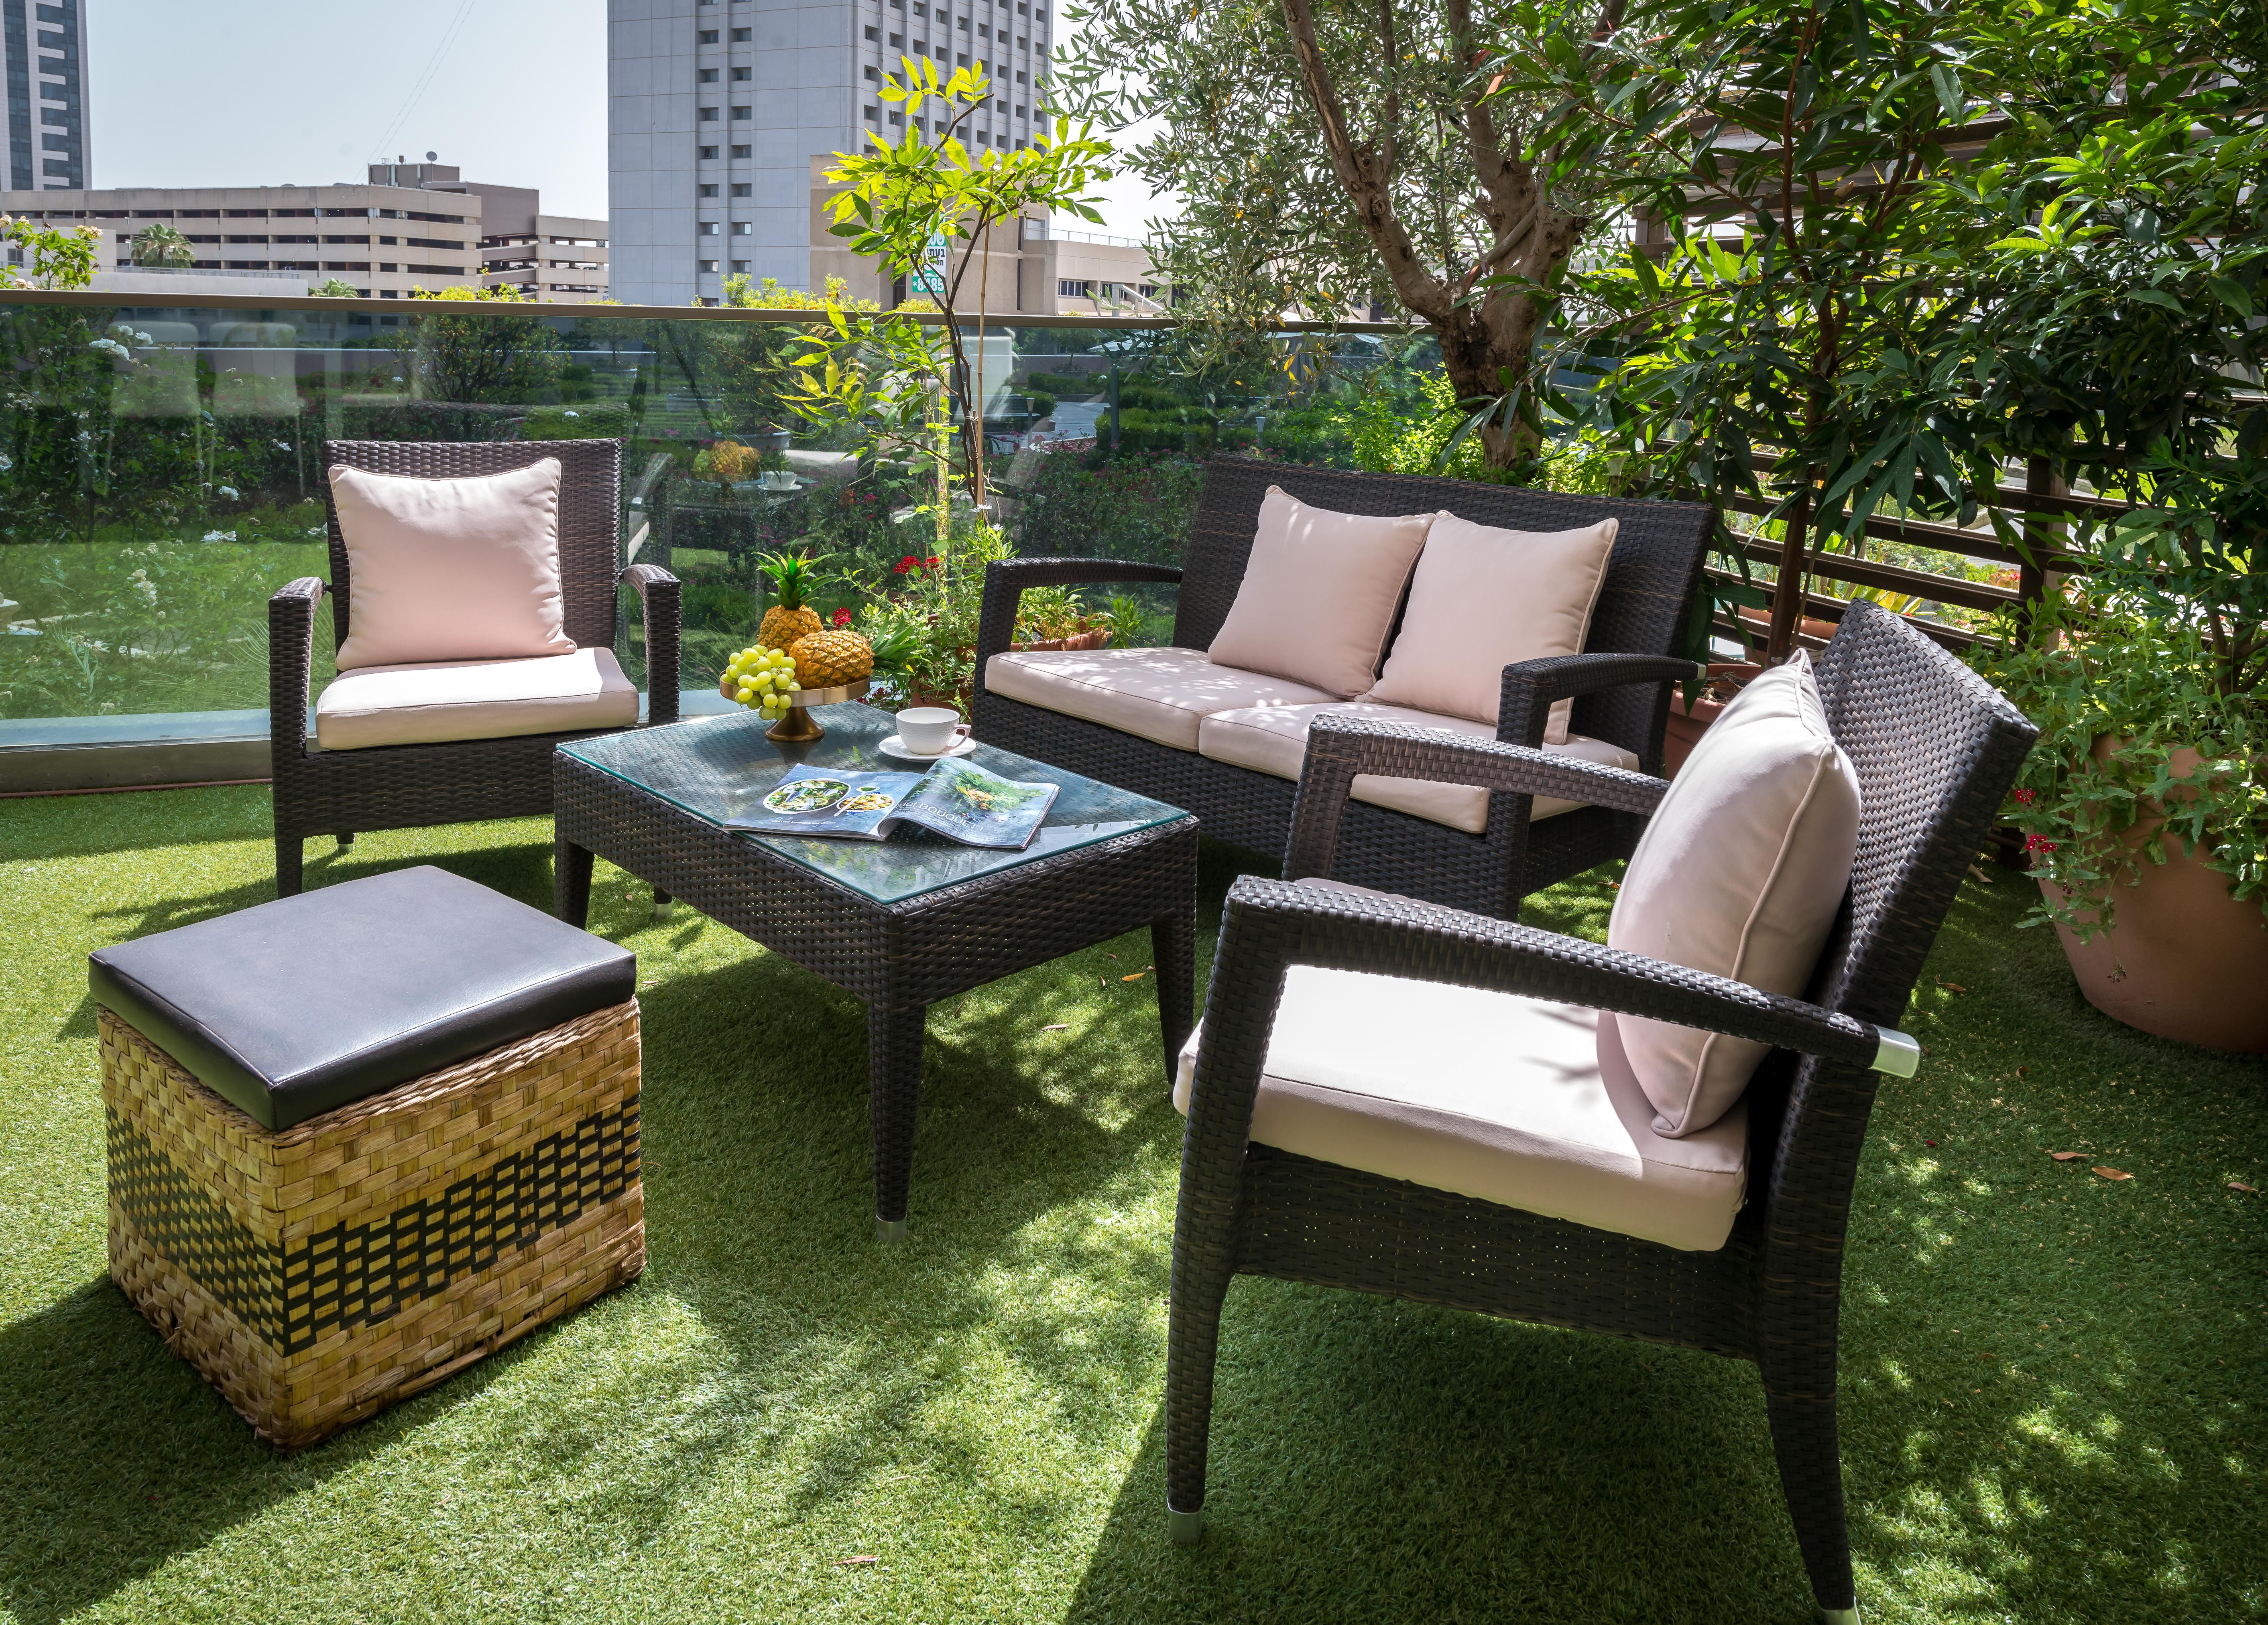 בית דיור לגיל השלישי בתל אביב